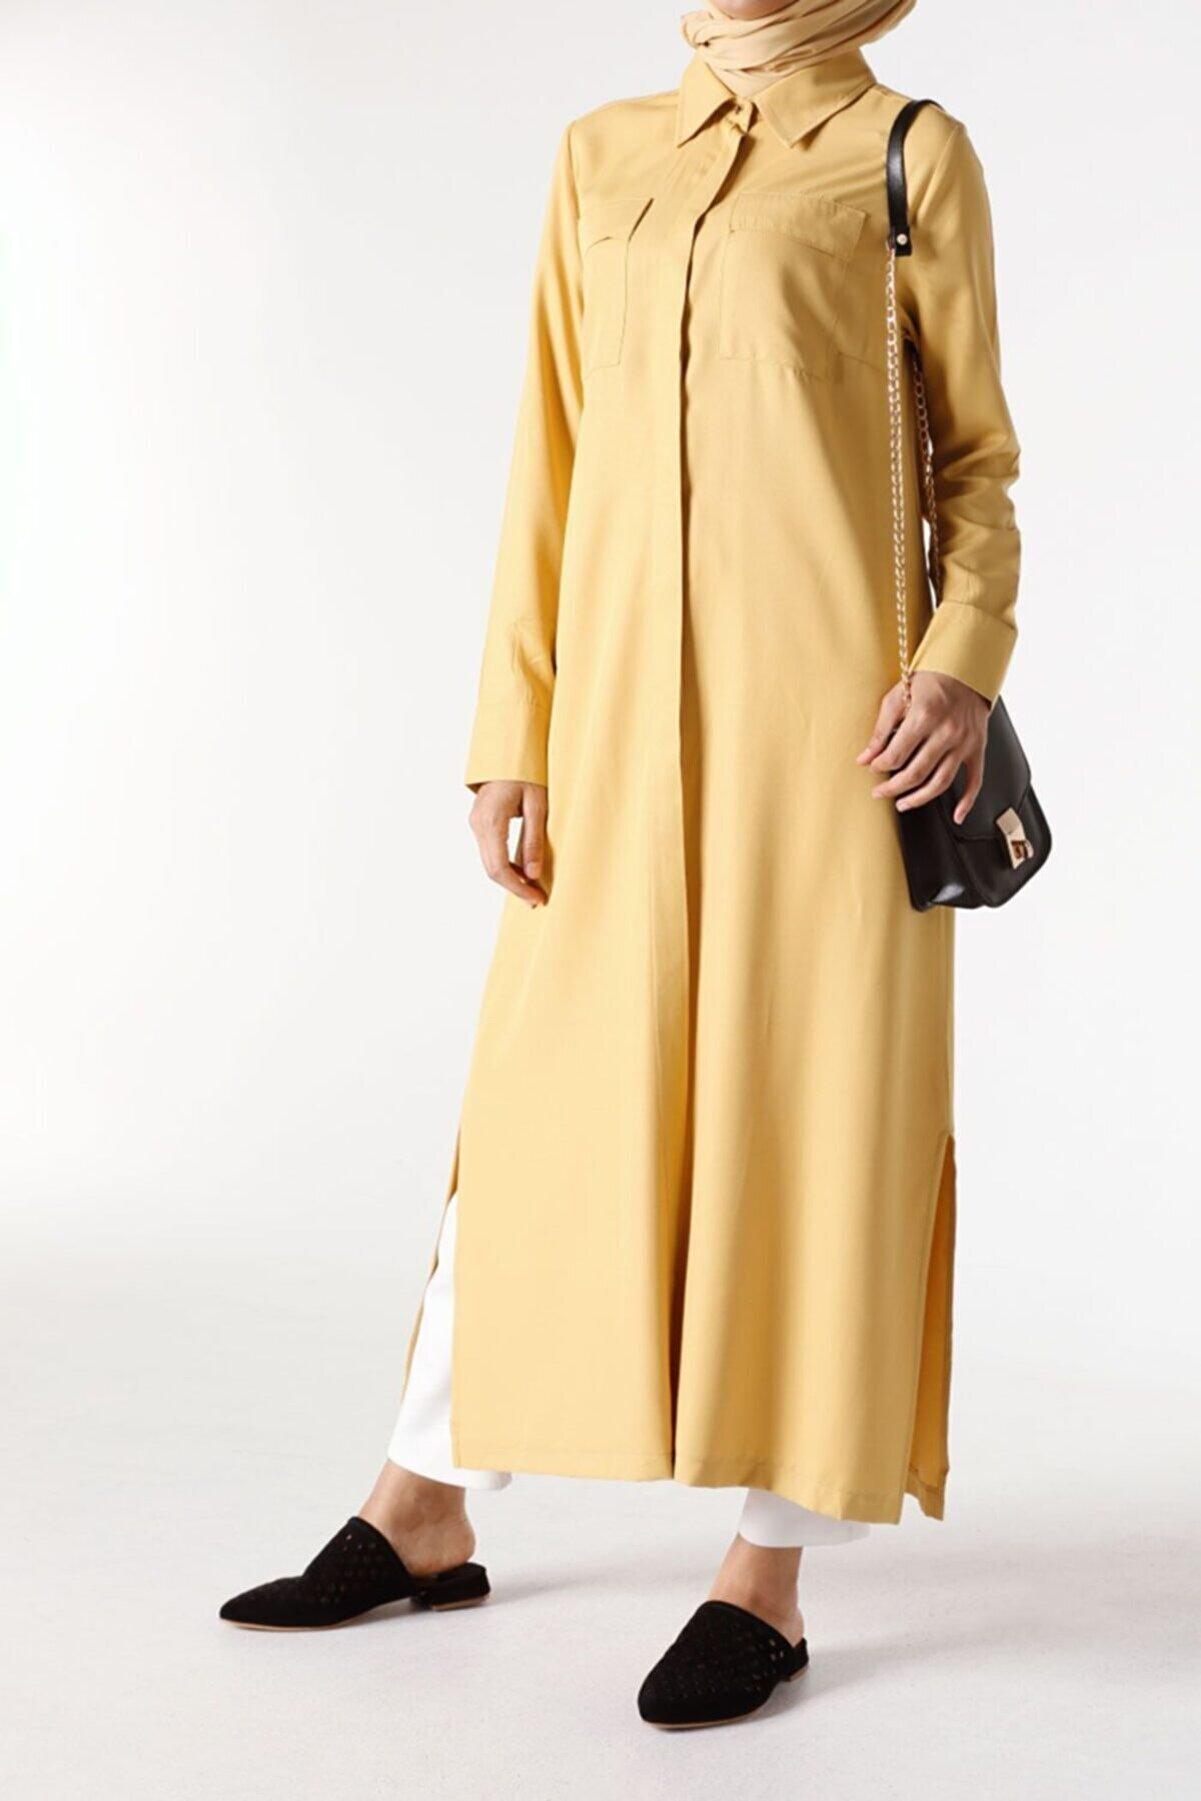 ALLDAY Sarı Viskon Yırtmaçlı Uzun Gömlek Tunik